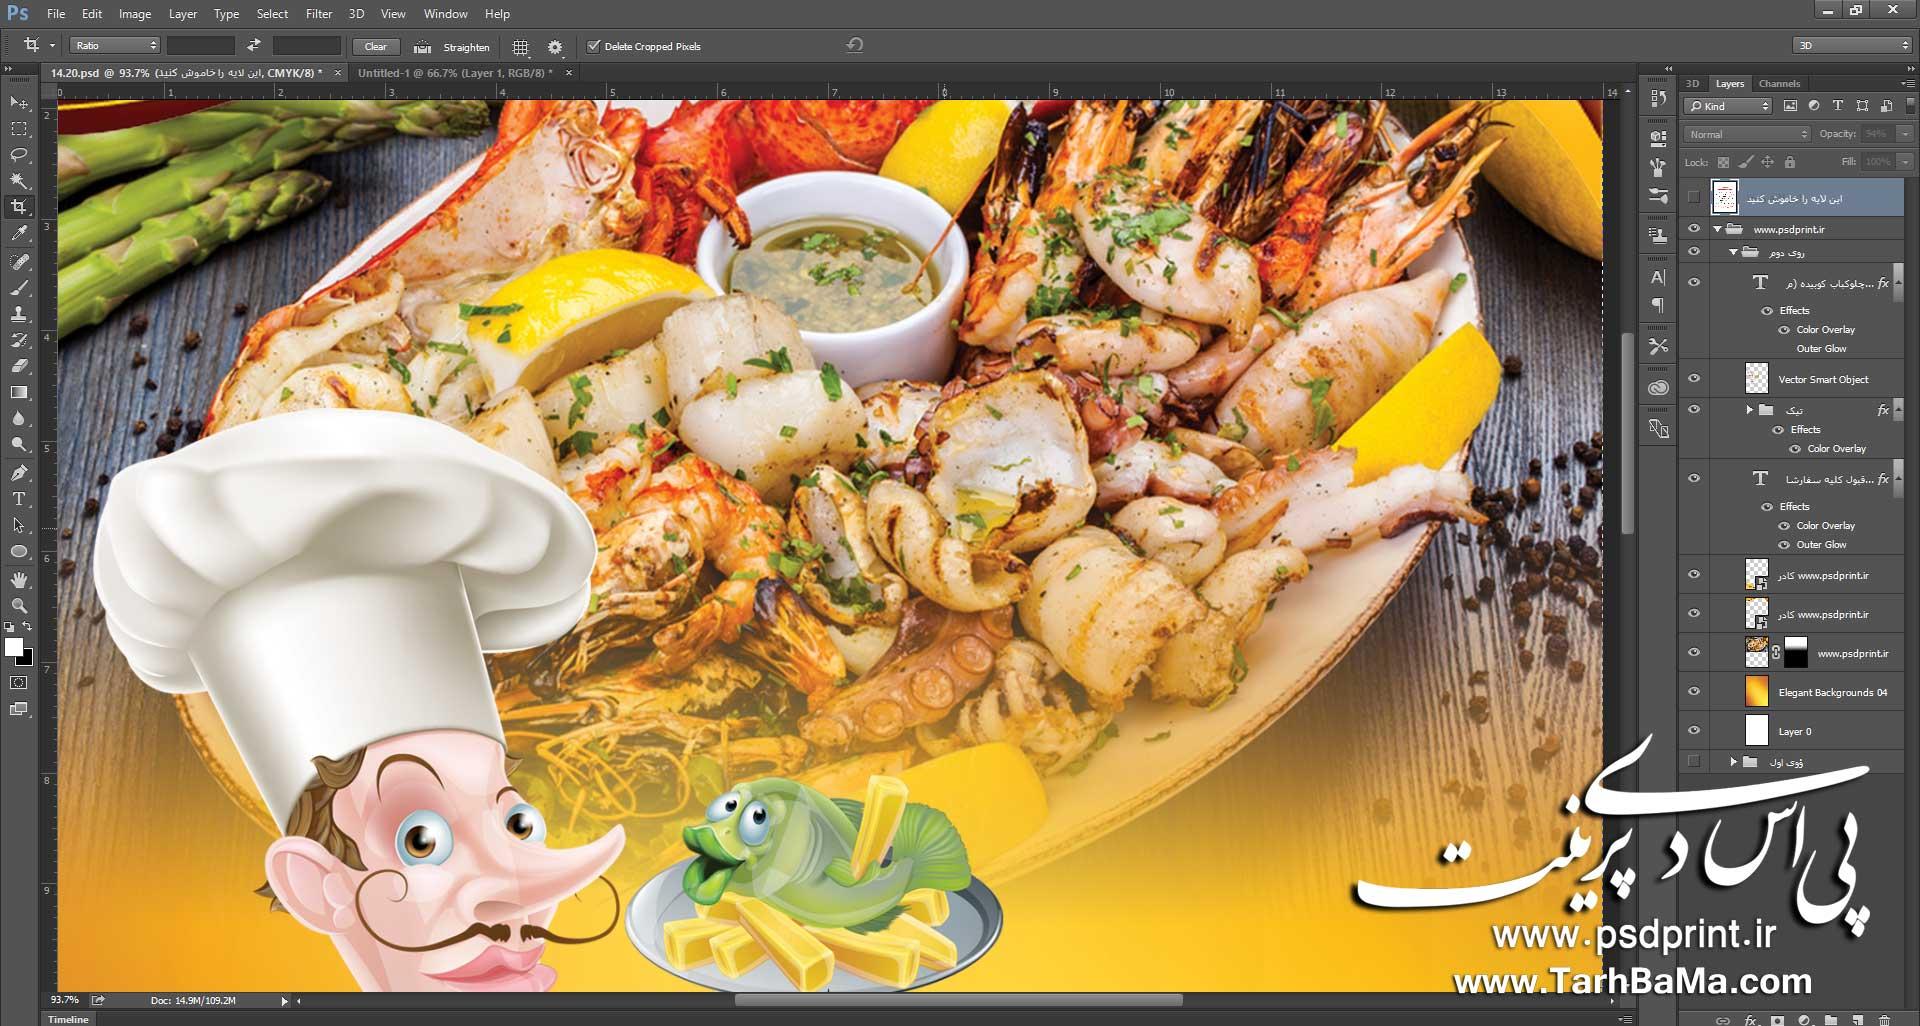 تراکت+غذای+دریایی